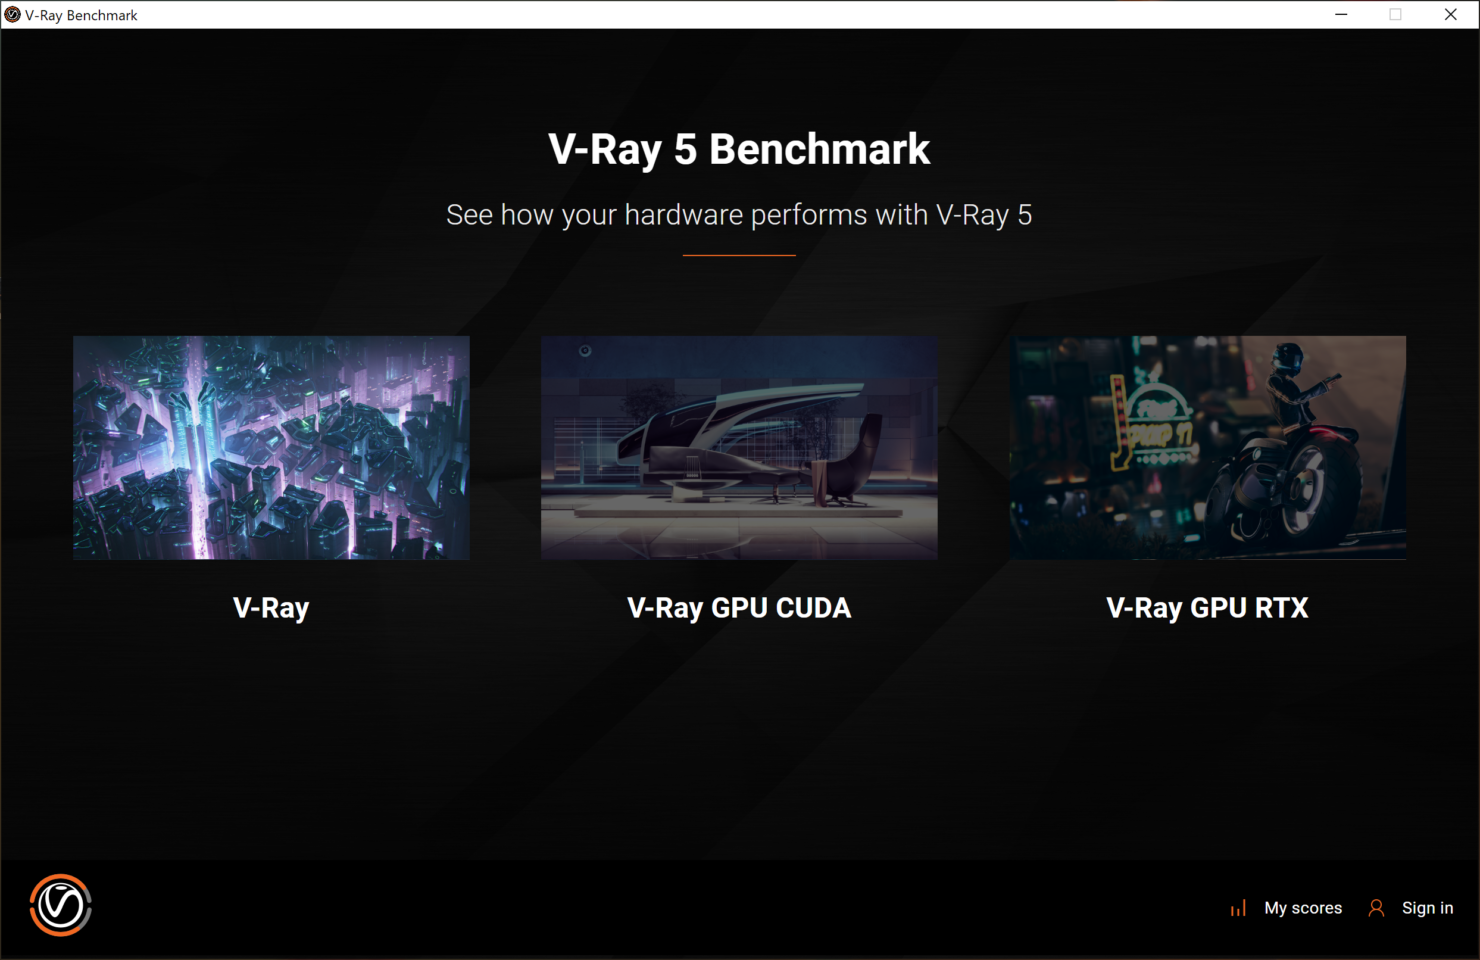 02-vray-5-benchmark-home-vray